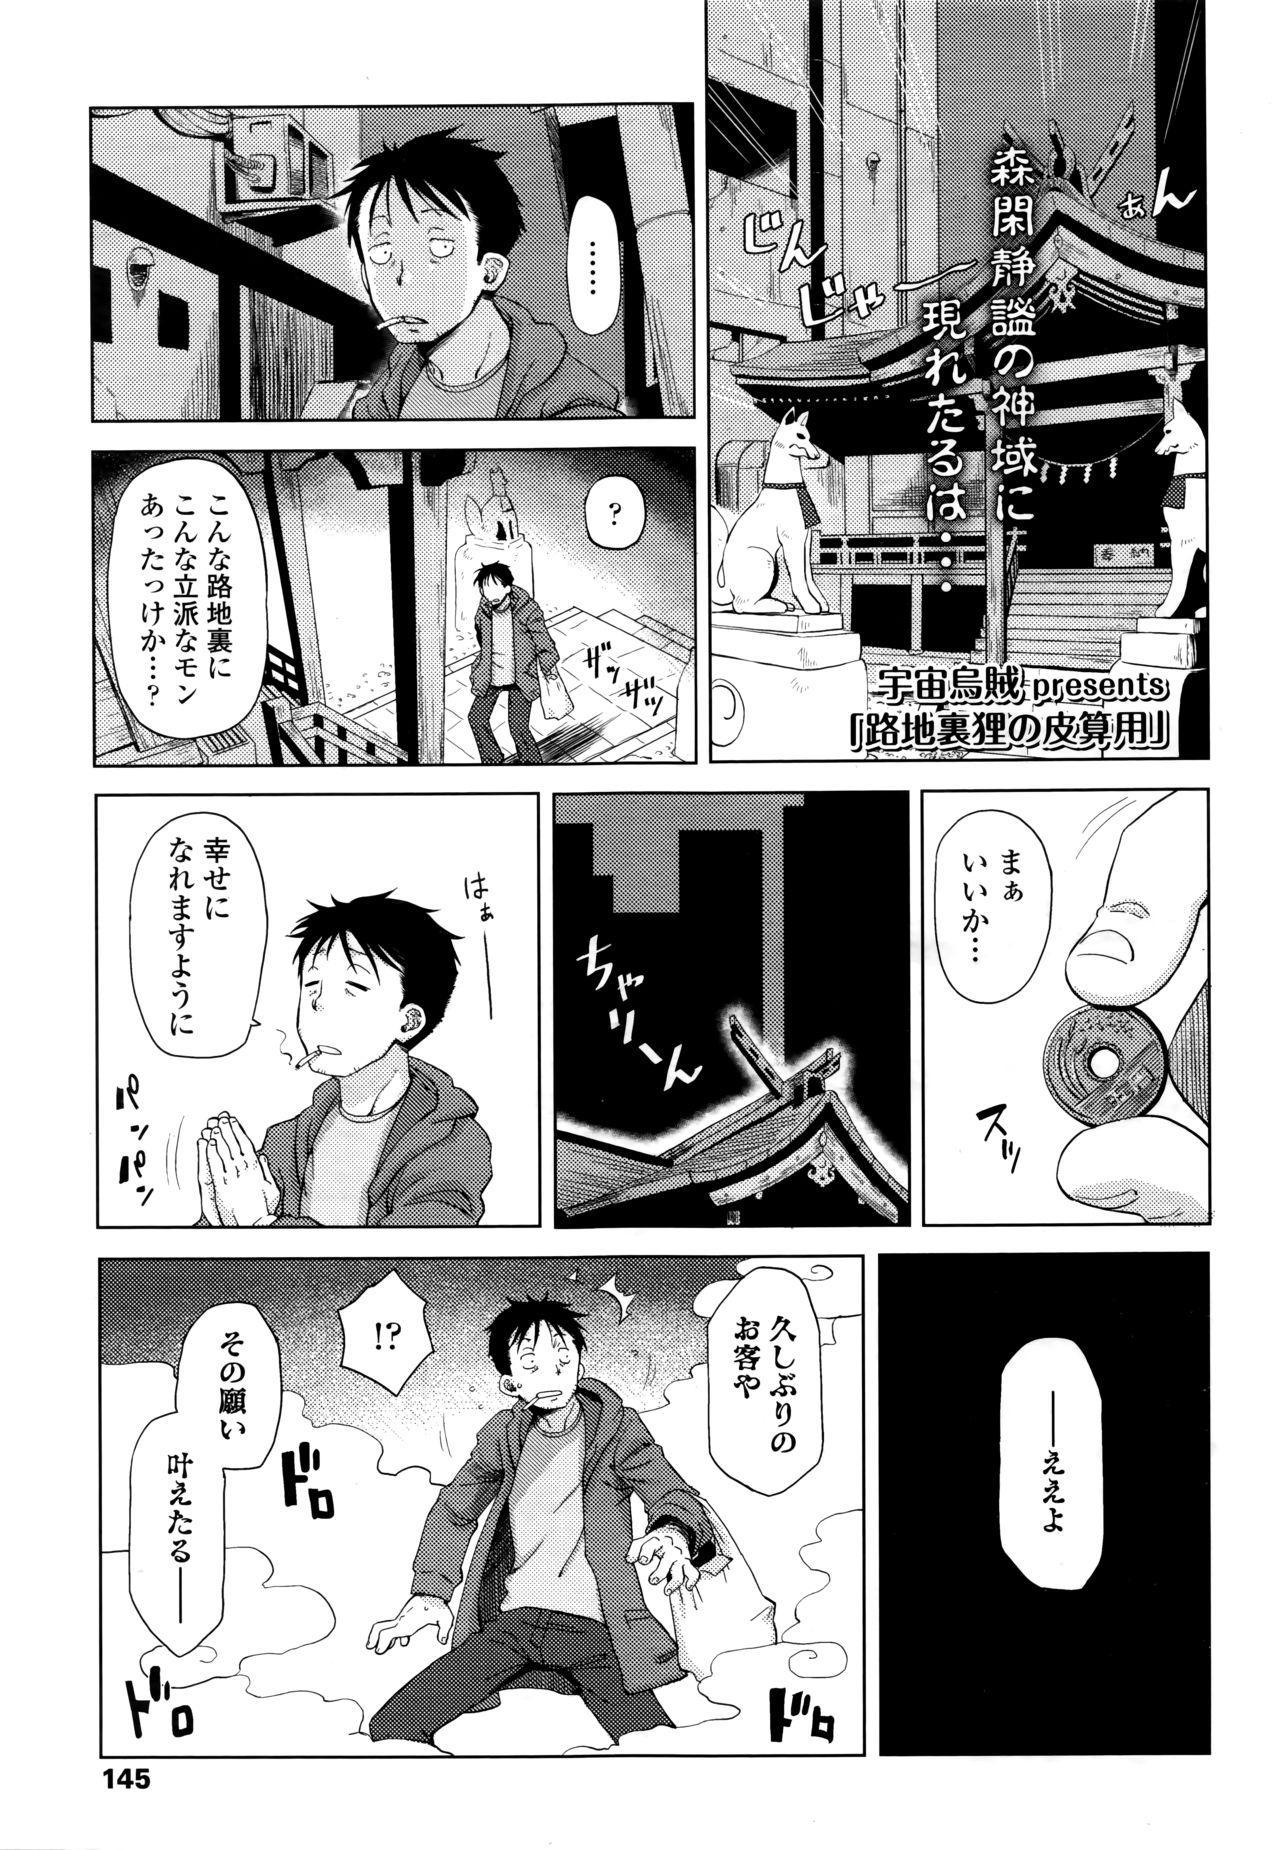 Towako 6 144